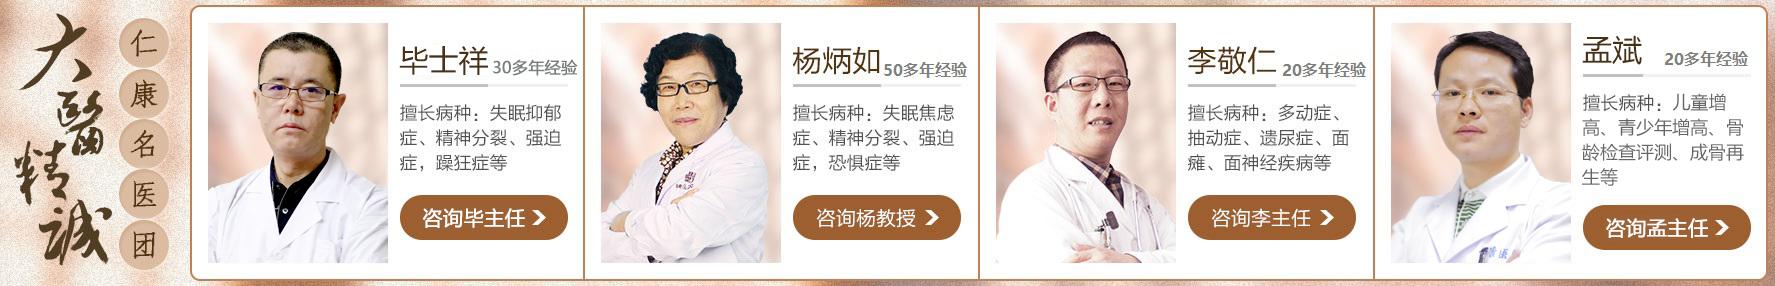 南京精神科医院